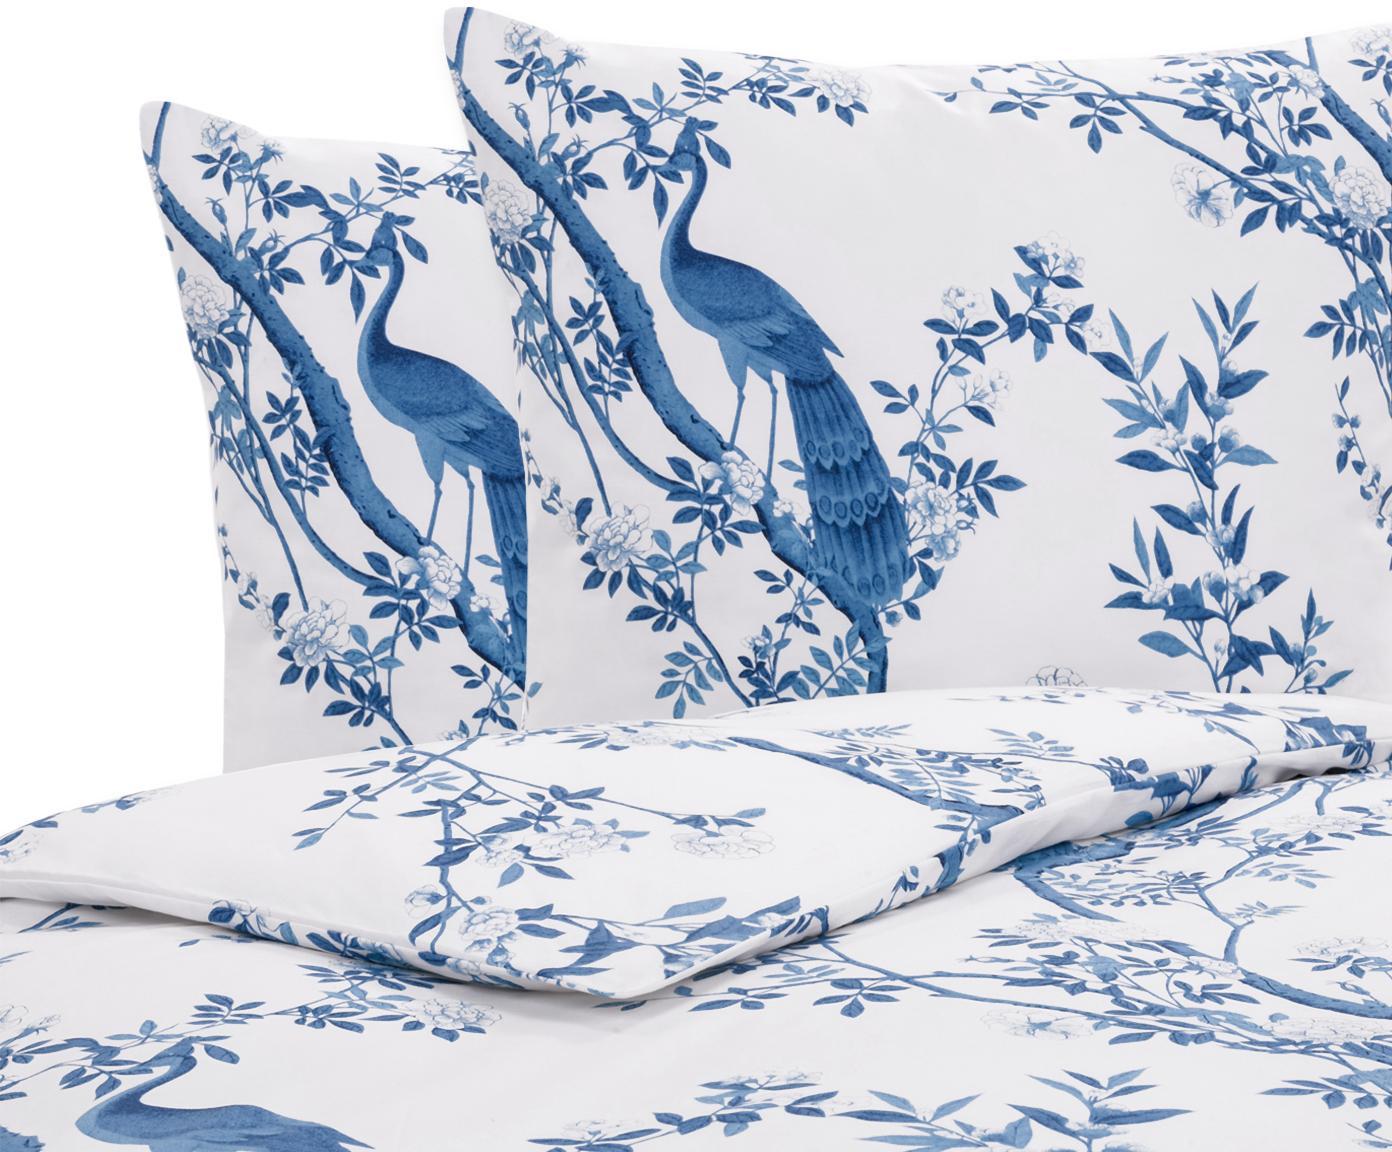 Baumwollperkal-Bettwäsche Annabelle mit floraler Zeichnung, Webart: Perkal Fadendichte 200 TC, Blau, Weiß, 240 x 220 cm + 2 Kissen 80 x 80 cm